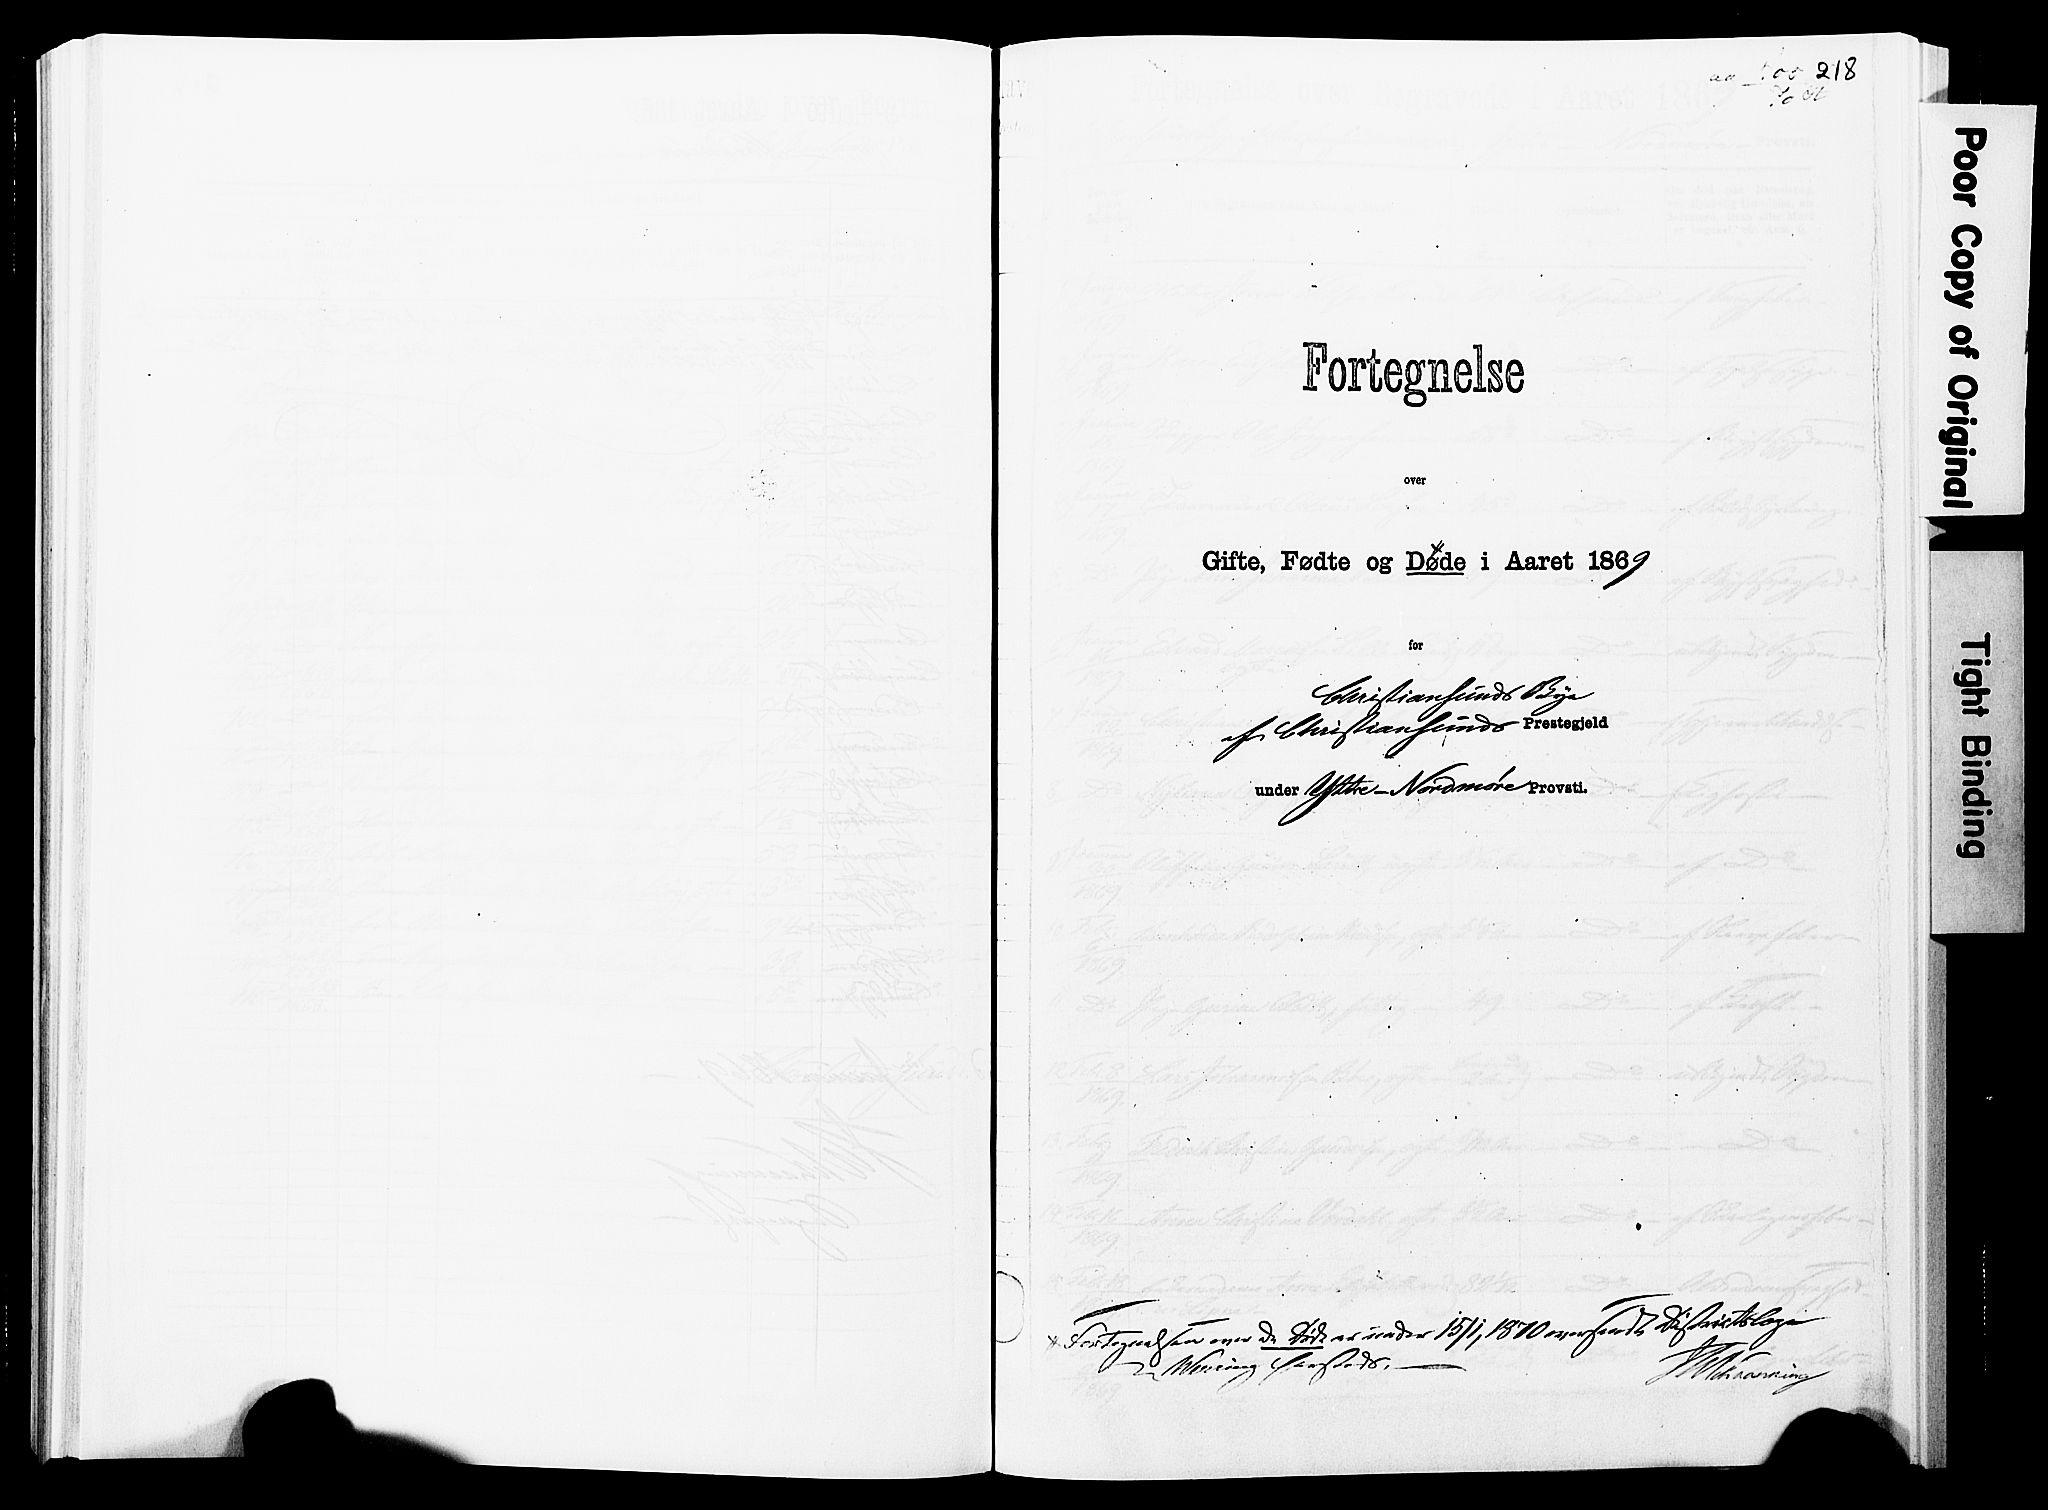 SAT, Ministerialprotokoller, klokkerbøker og fødselsregistre - Møre og Romsdal, 572/L0857: Ministerialbok nr. 572D01, 1866-1872, s. 218